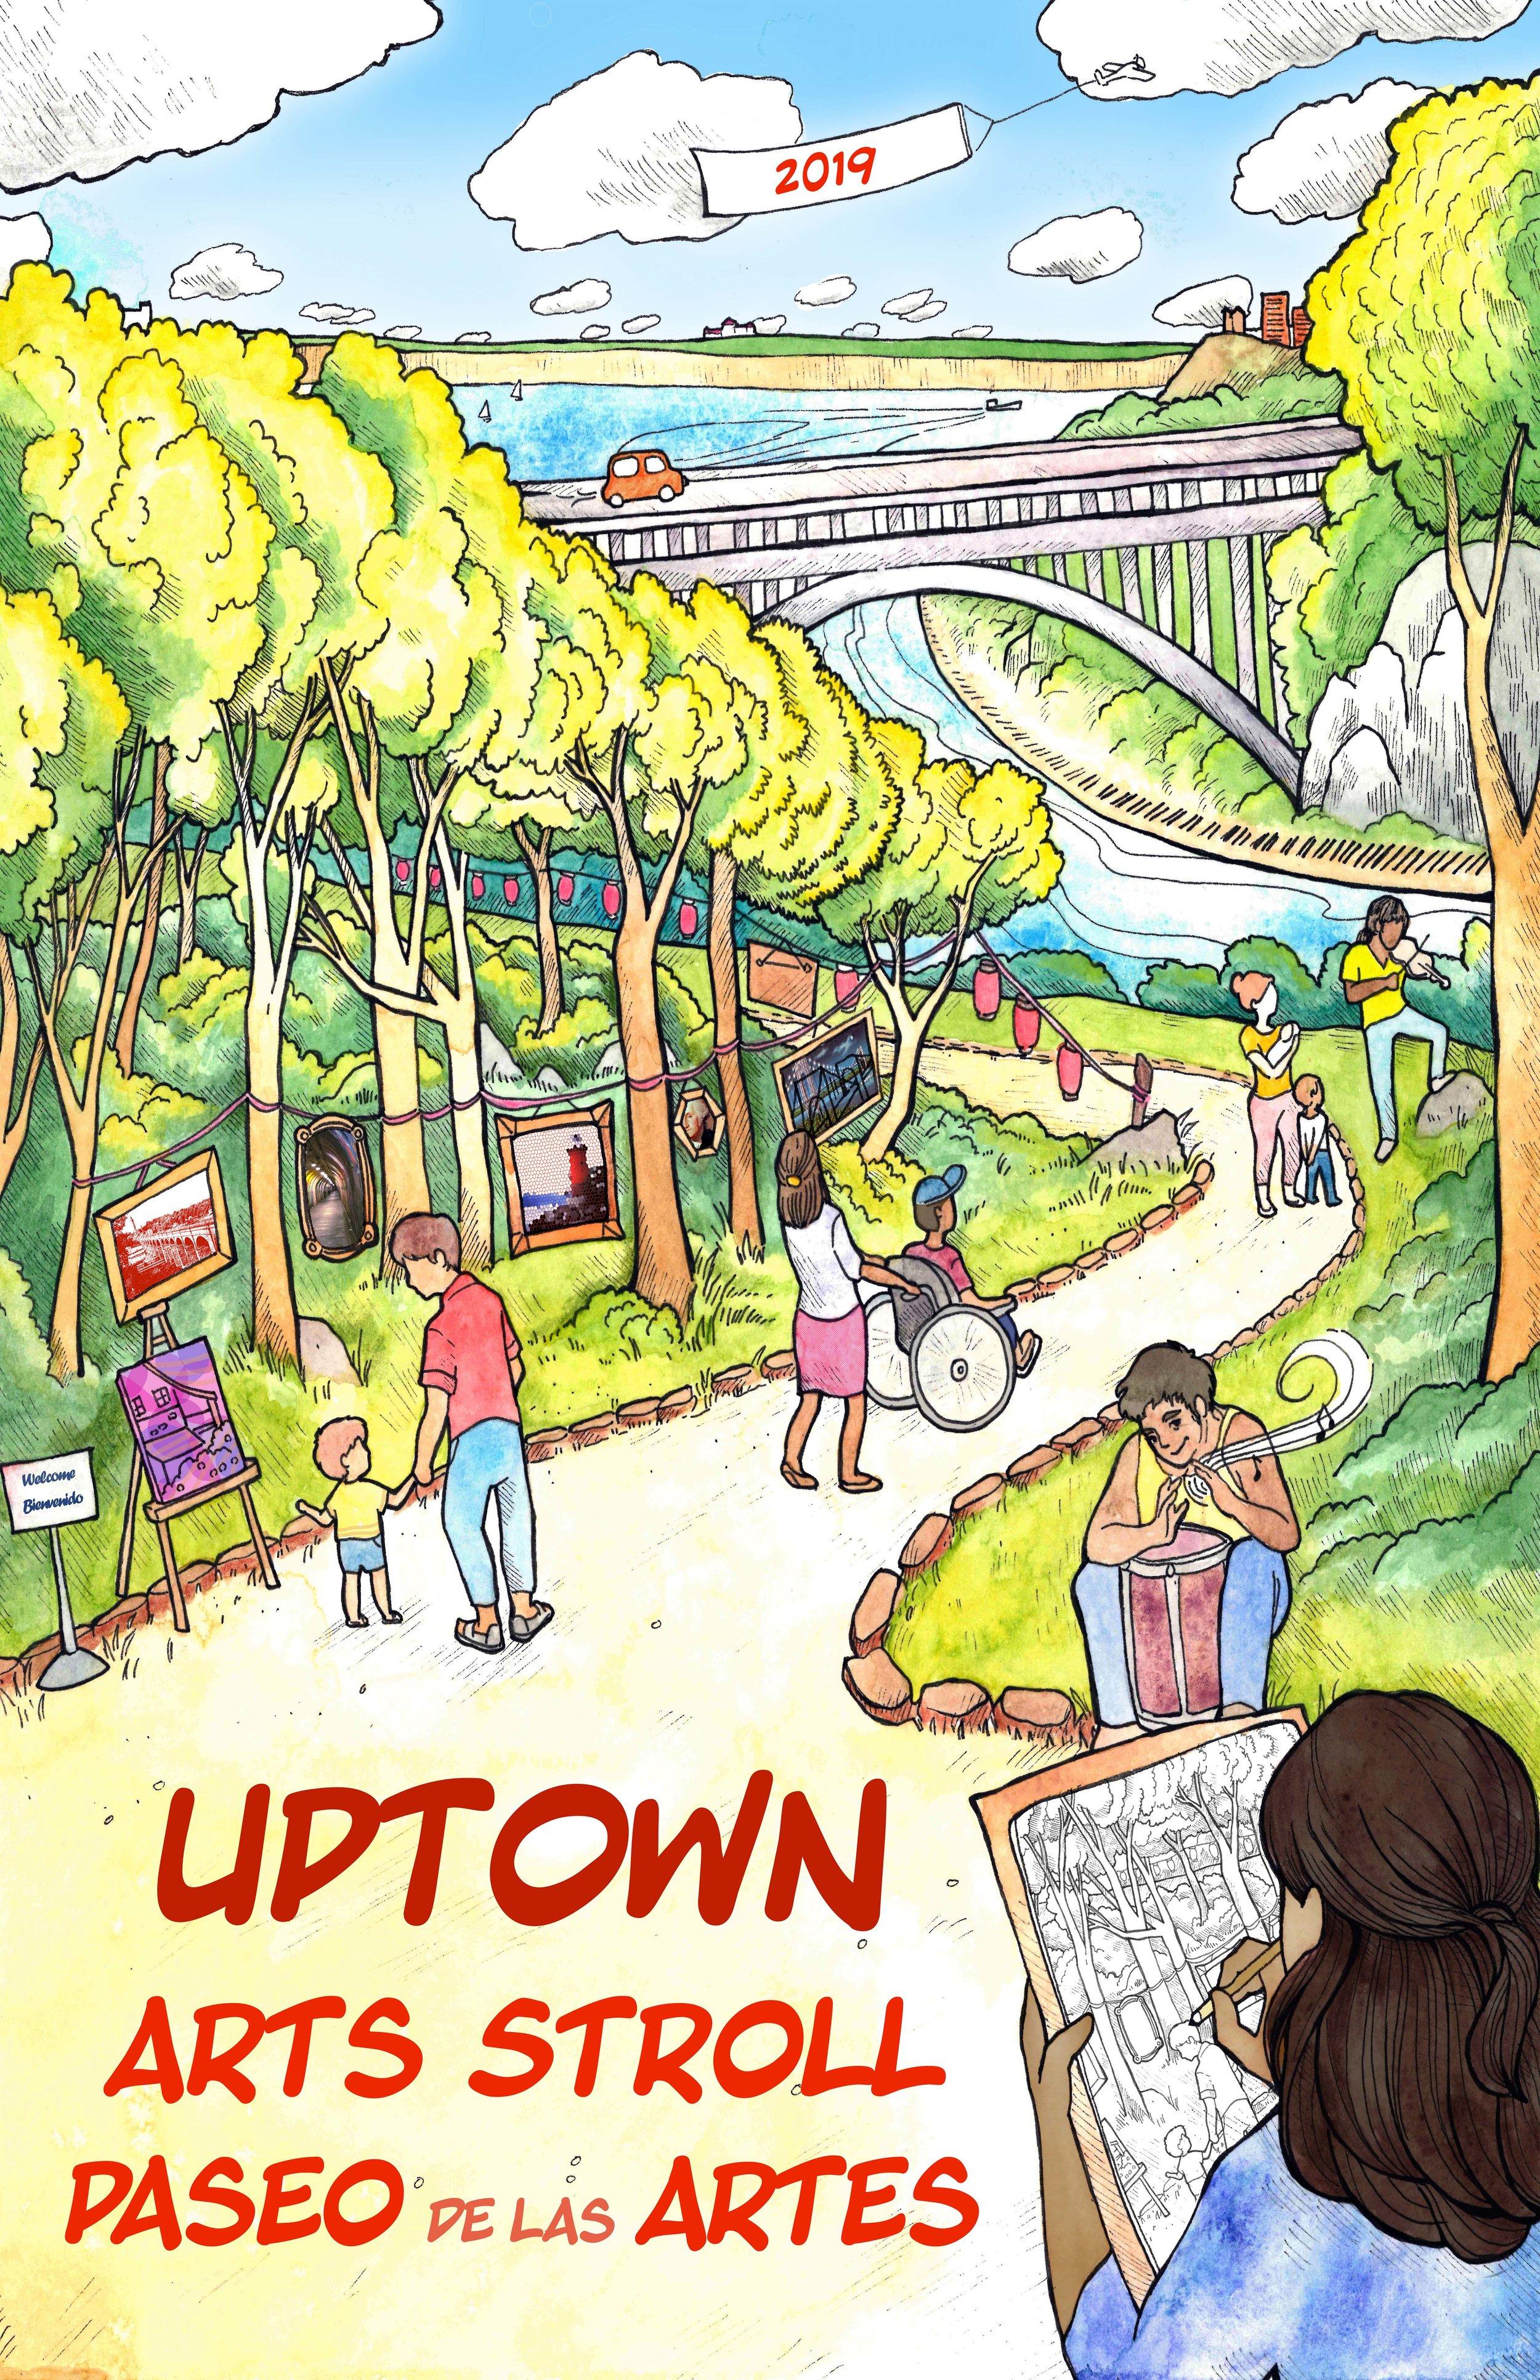 UptownArtsStroll_AAS_2019_Small.jpg